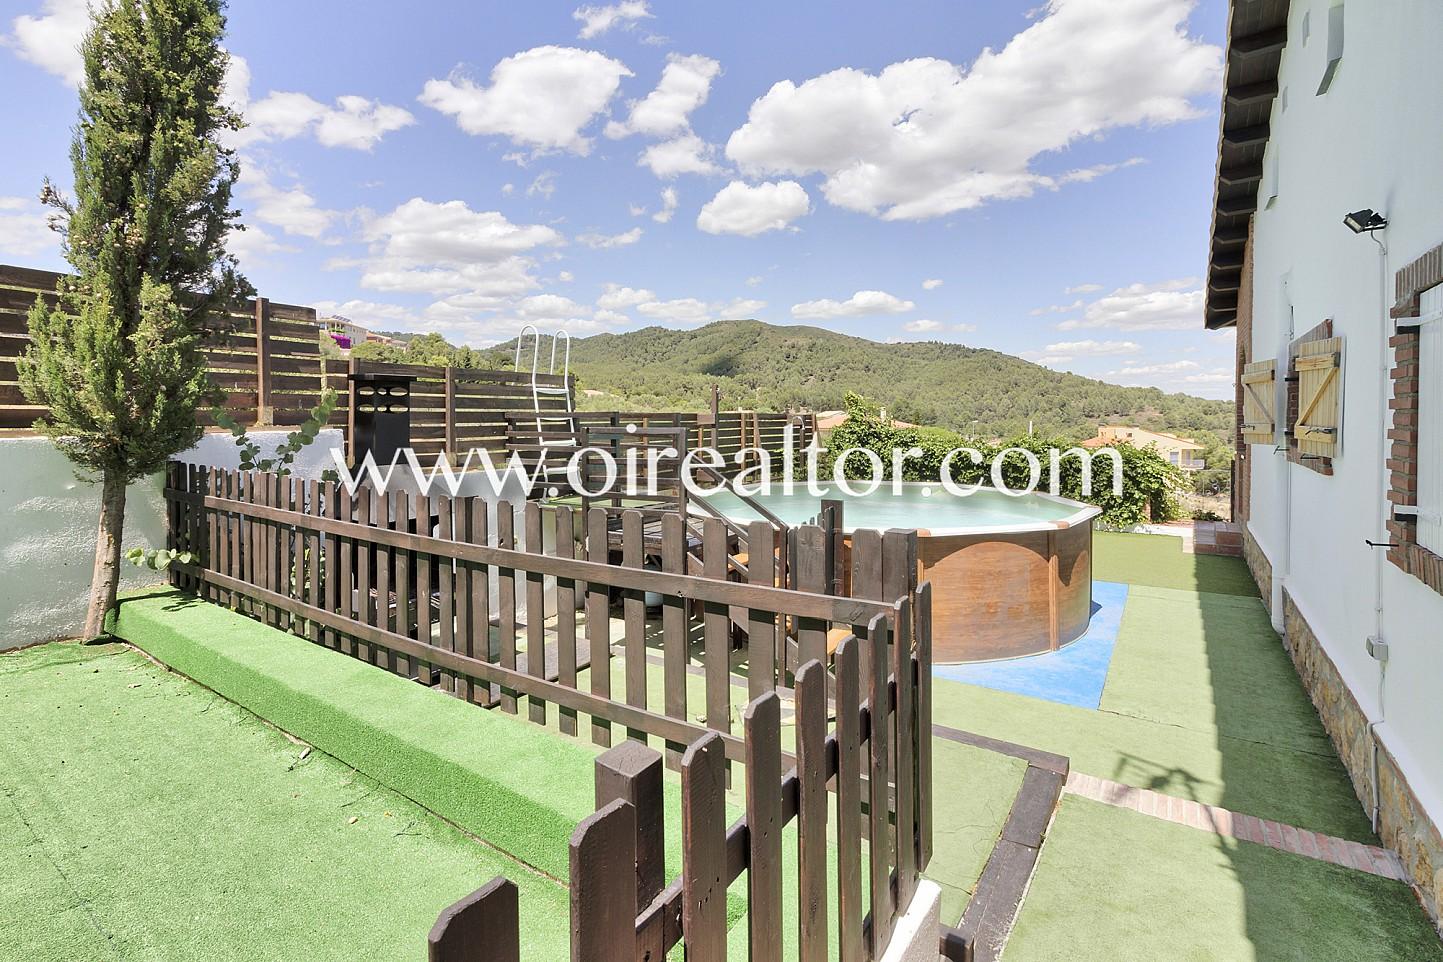 Casa en venta en riudecanyes costa dorada oi realtor - Alquiler casas vacacionales costa dorada ...